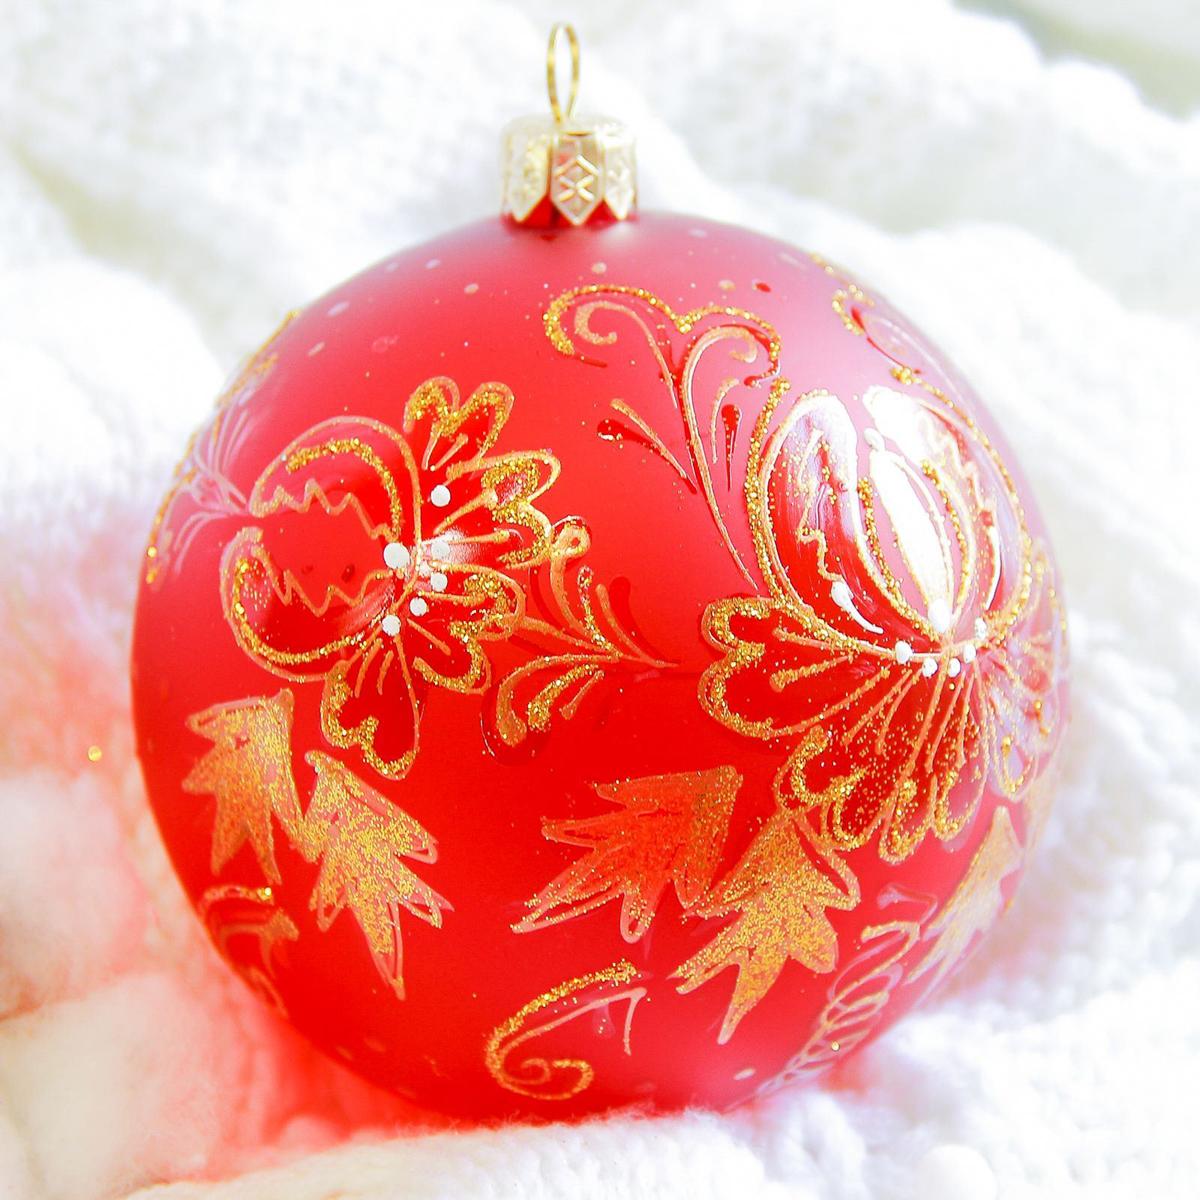 Украшение новогоднее елочное Иней Ягодный, диаметр 10 см2555474Новогоднее подвесное украшение Иней отлично подойдет для декорации вашего дома и новогодней ели. Новогоднее украшение можно повесить в любом понравившемся вам месте. Но, конечно, удачнее всего оно будет смотреться на праздничной елке.Елочная игрушка - символ Нового года. Она несет в себе волшебство и красоту праздника. Такое украшение создаст в вашем доме атмосферу праздника, веселья и радости.